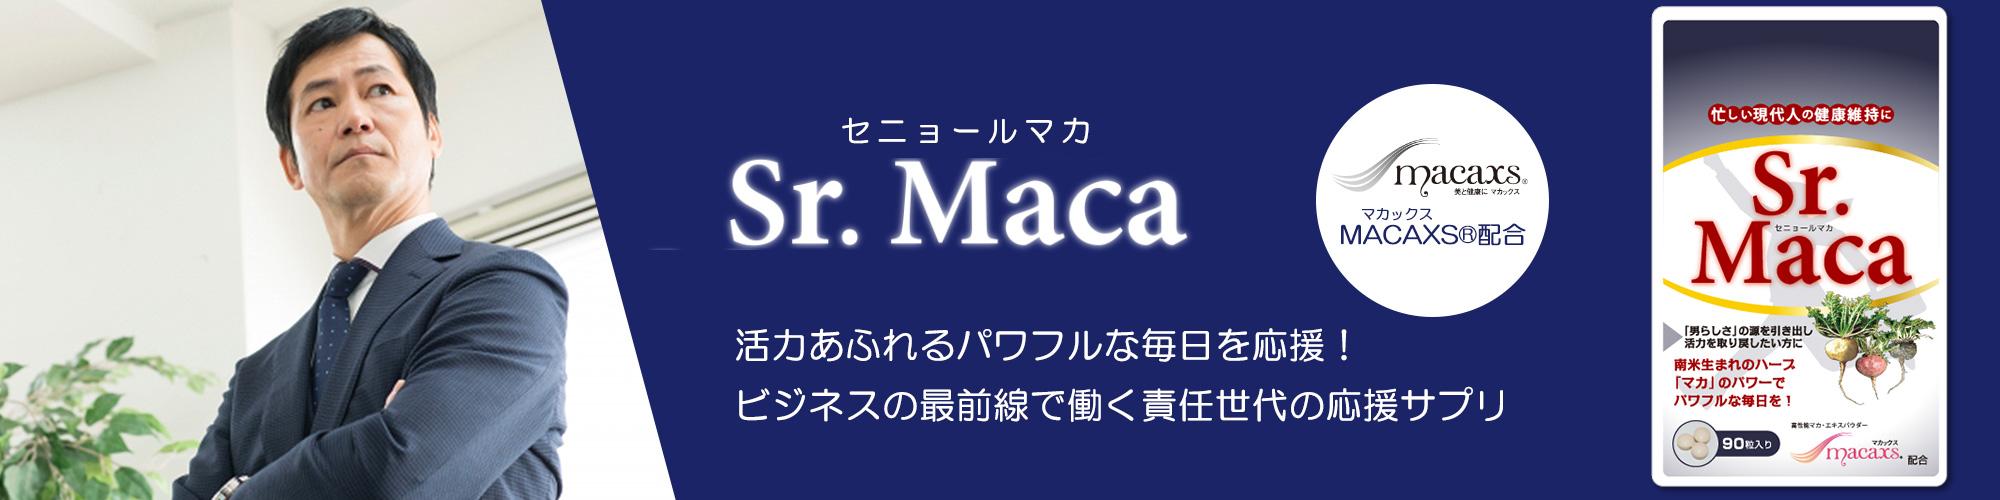 「Sr.Maca(セニョールマカ)」は活力あふれるパワフルな毎日を応援するサプリメント。いつまでも元気で若々しくありたい方におすすめです。